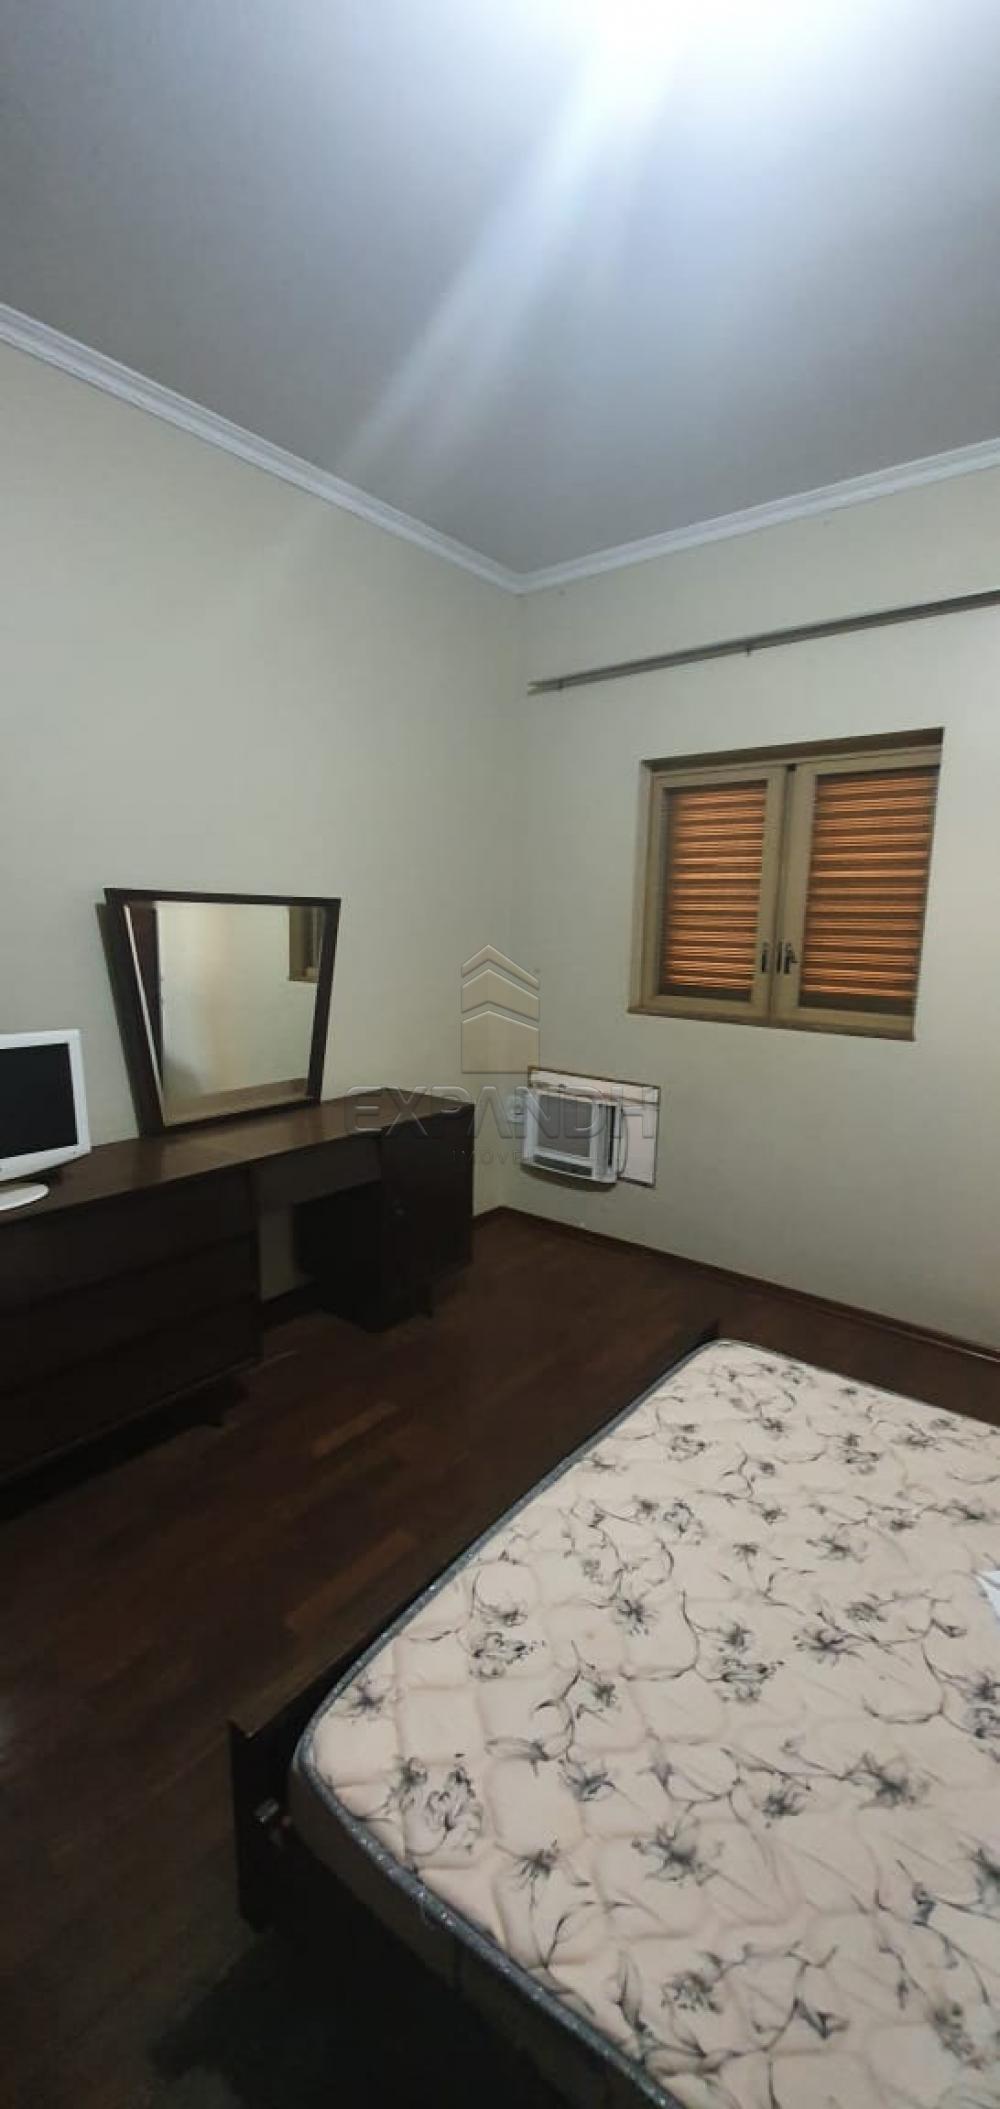 Comprar Apartamentos / Padrão em Sertãozinho apenas R$ 650.000,00 - Foto 6